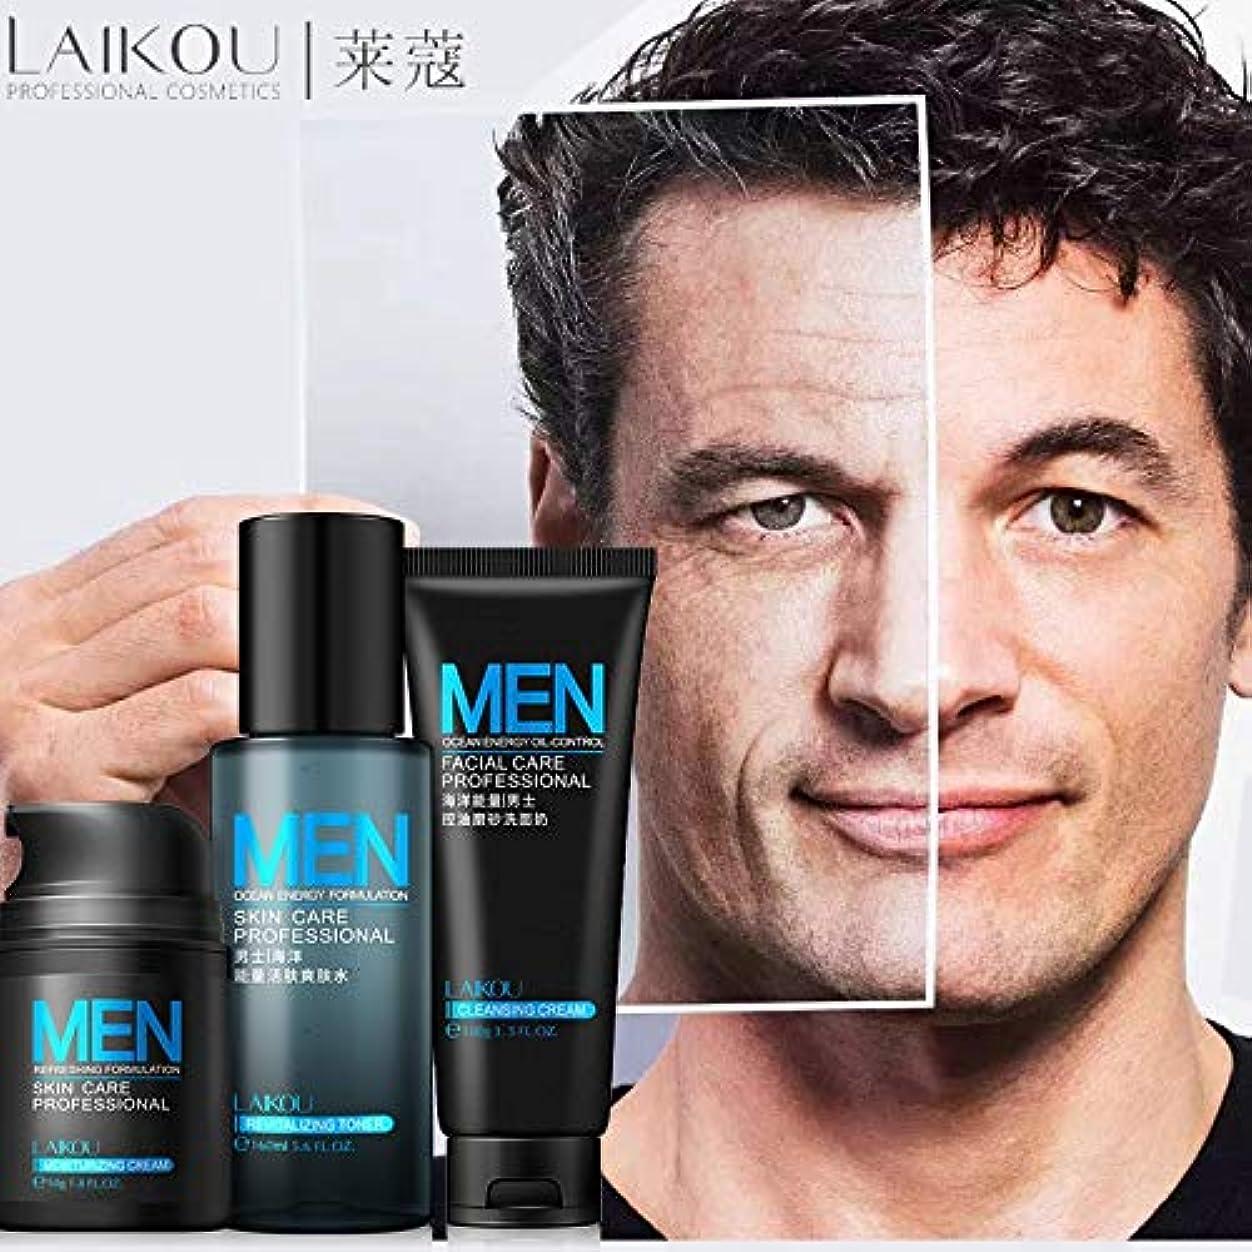 縞模様のだます誰男性3枚Clserトナークリーム保湿オイルコントロールの毎日のケアセット毛穴アンチリンクル男性フェイスケアを縮小